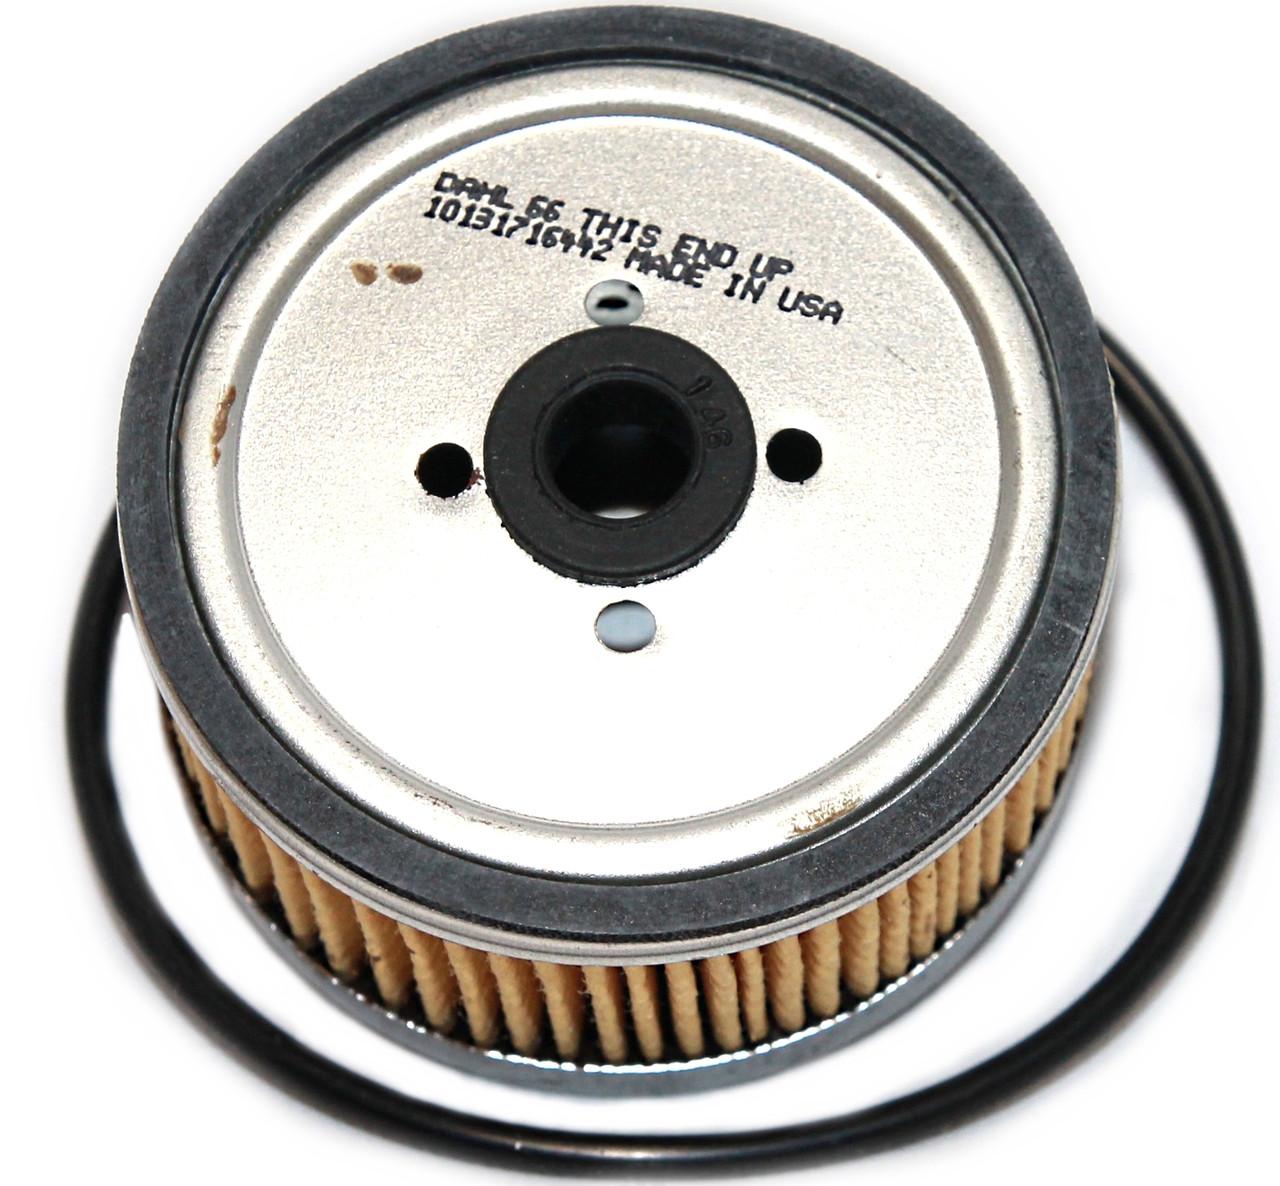 Топливный элемент 2 микрона к сепаратору Dahl 65